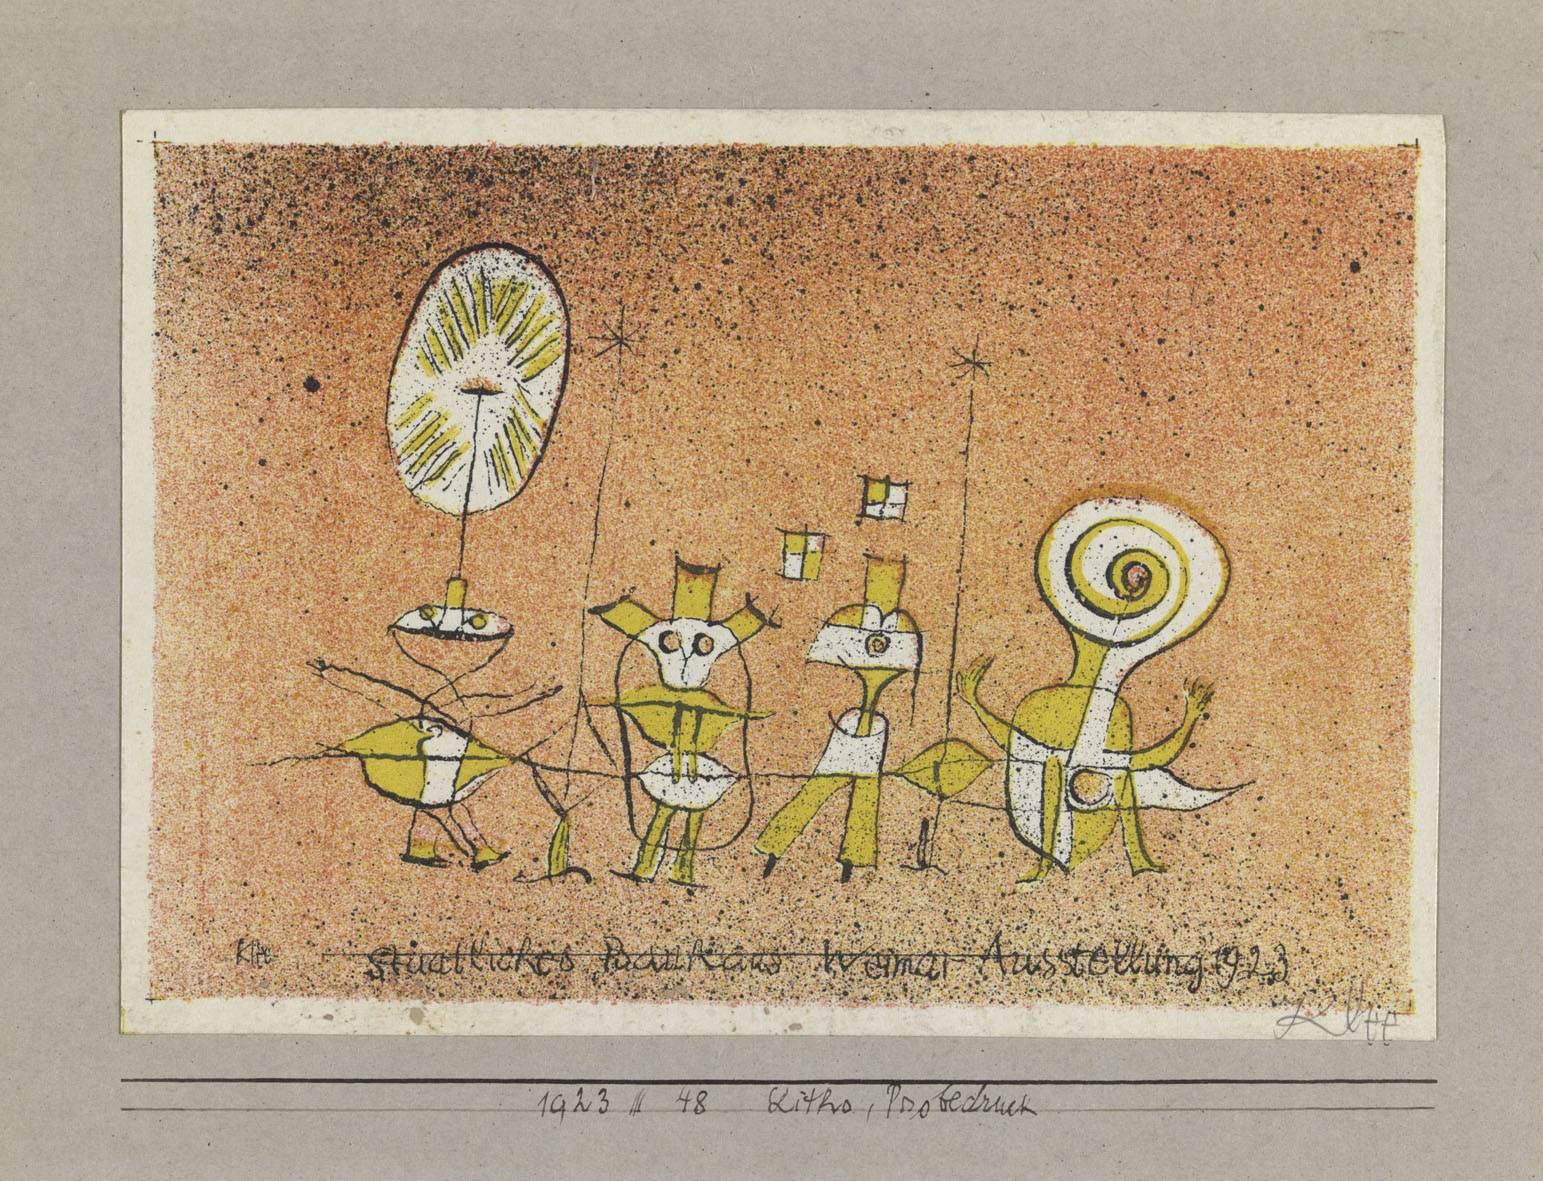 Paul Klee, Postkarte zur Ausstellung Die heitere Seite, 1923,48, Farblithografie, 9,9 x 14,4 cm, E.W.K., Bern © VG Bild-Kunst, Bonn 2010